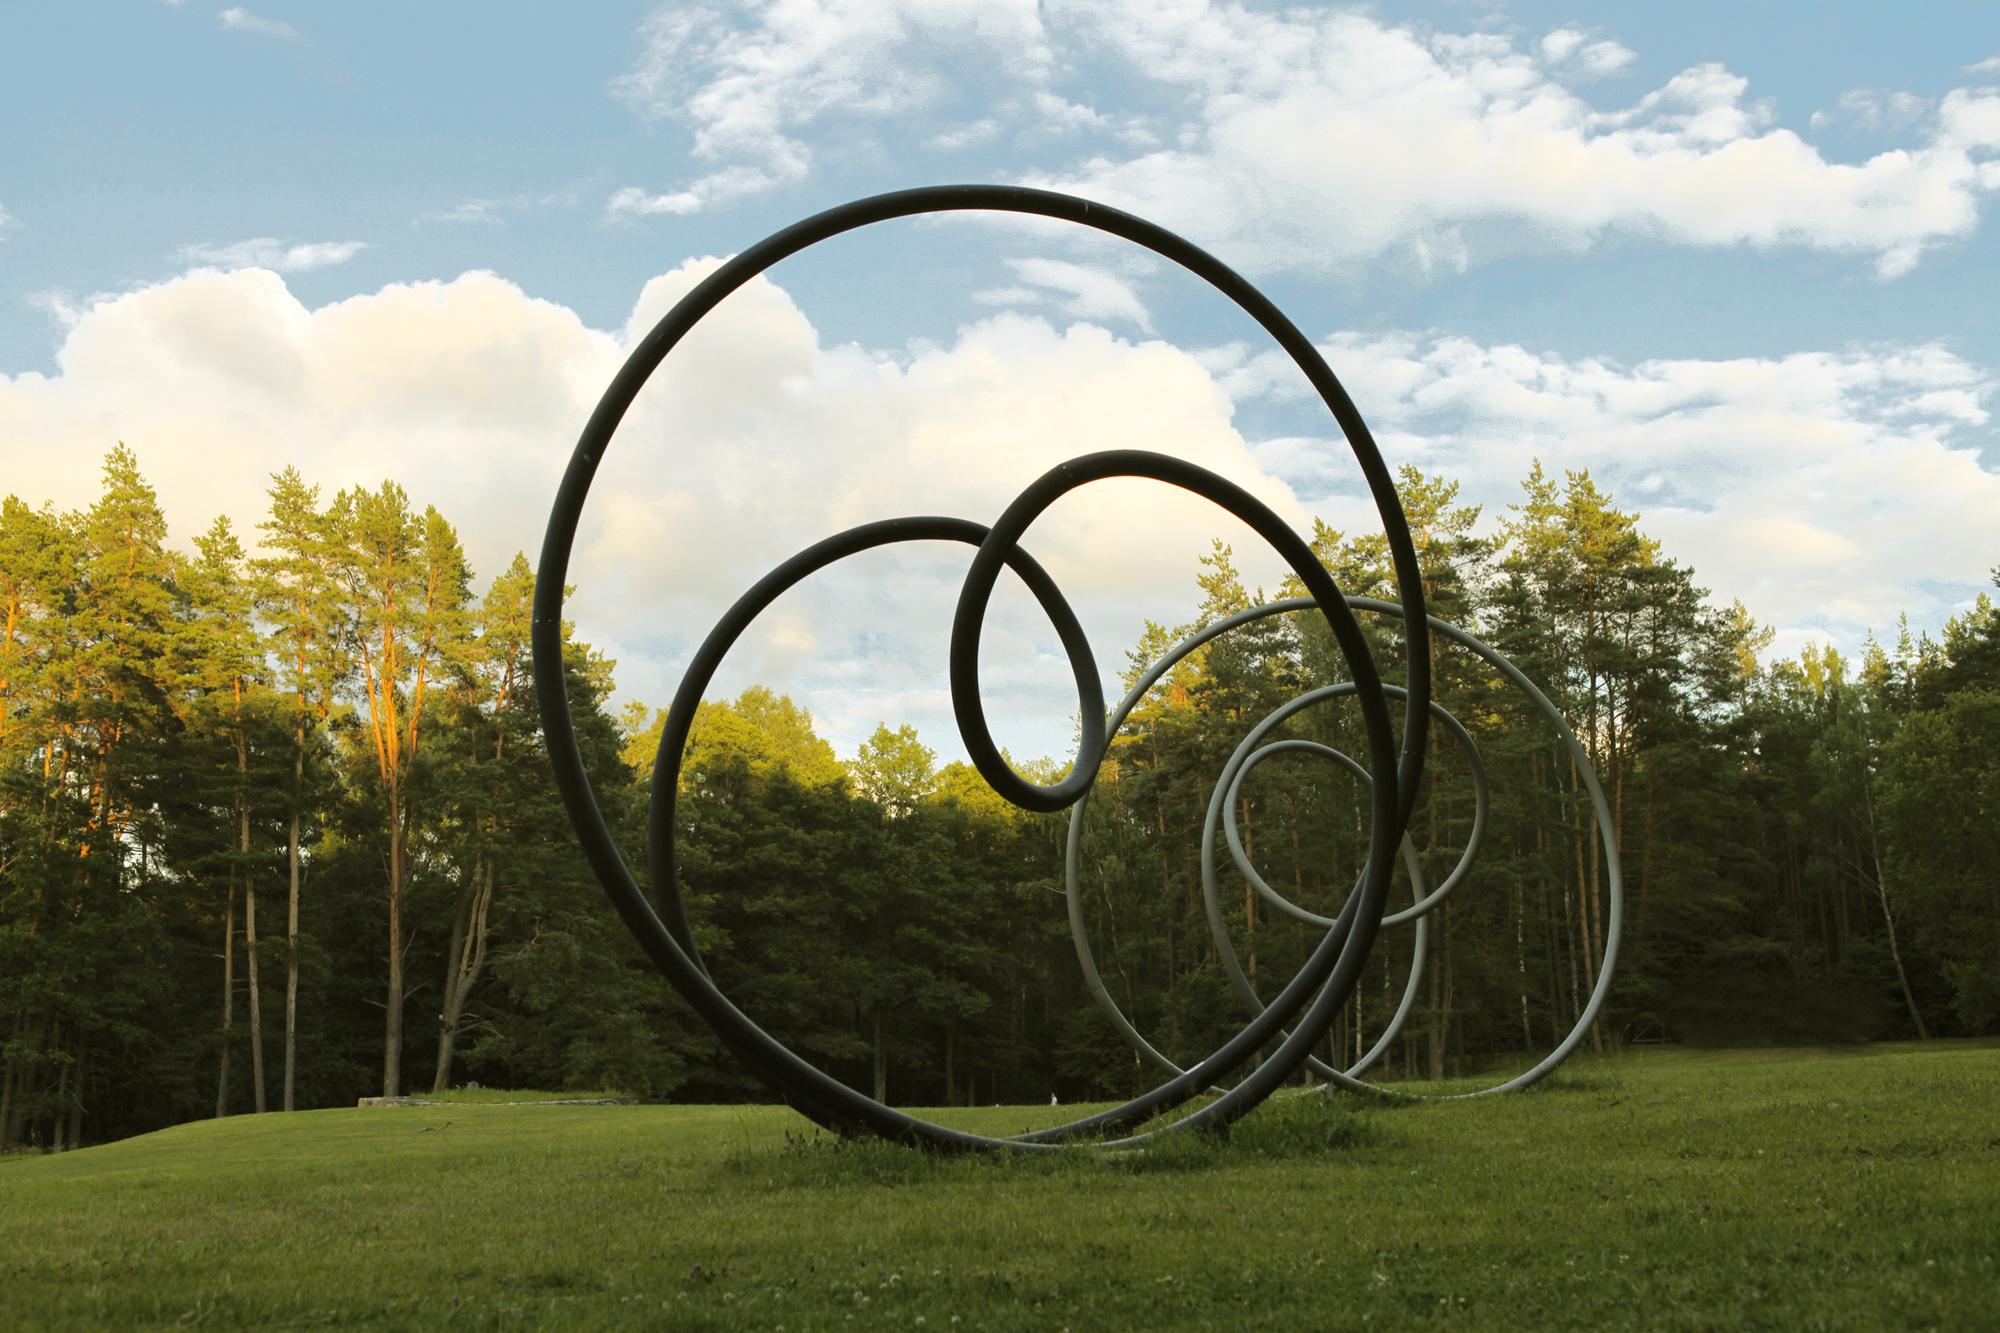 Europos parke – milžiniška Sasono Soferio skulptūra